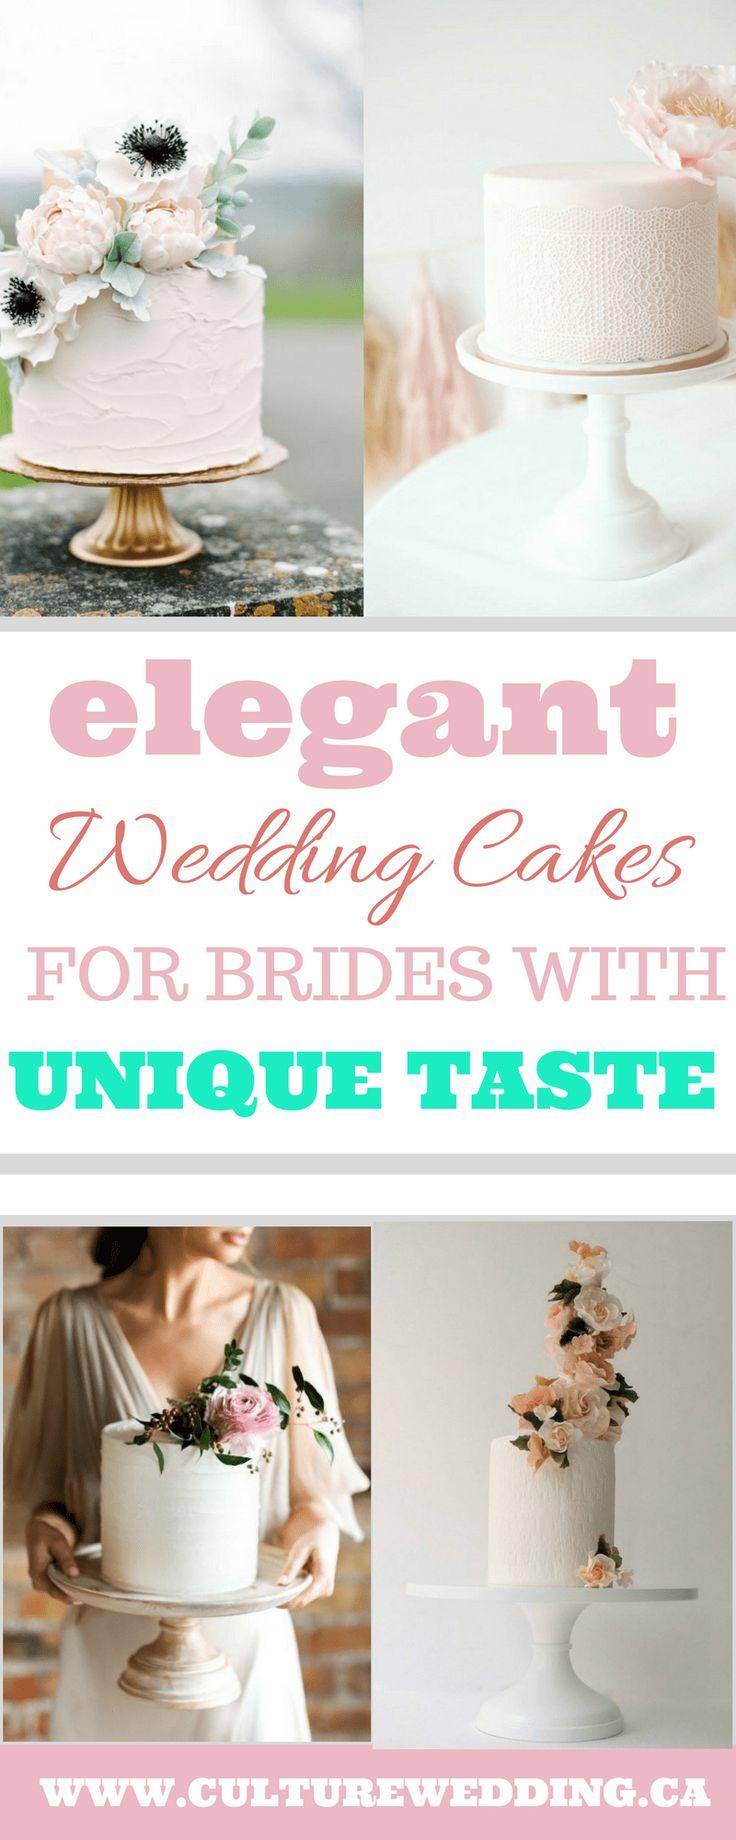 Unique Romantic and Elegant Wedding Cake Trends